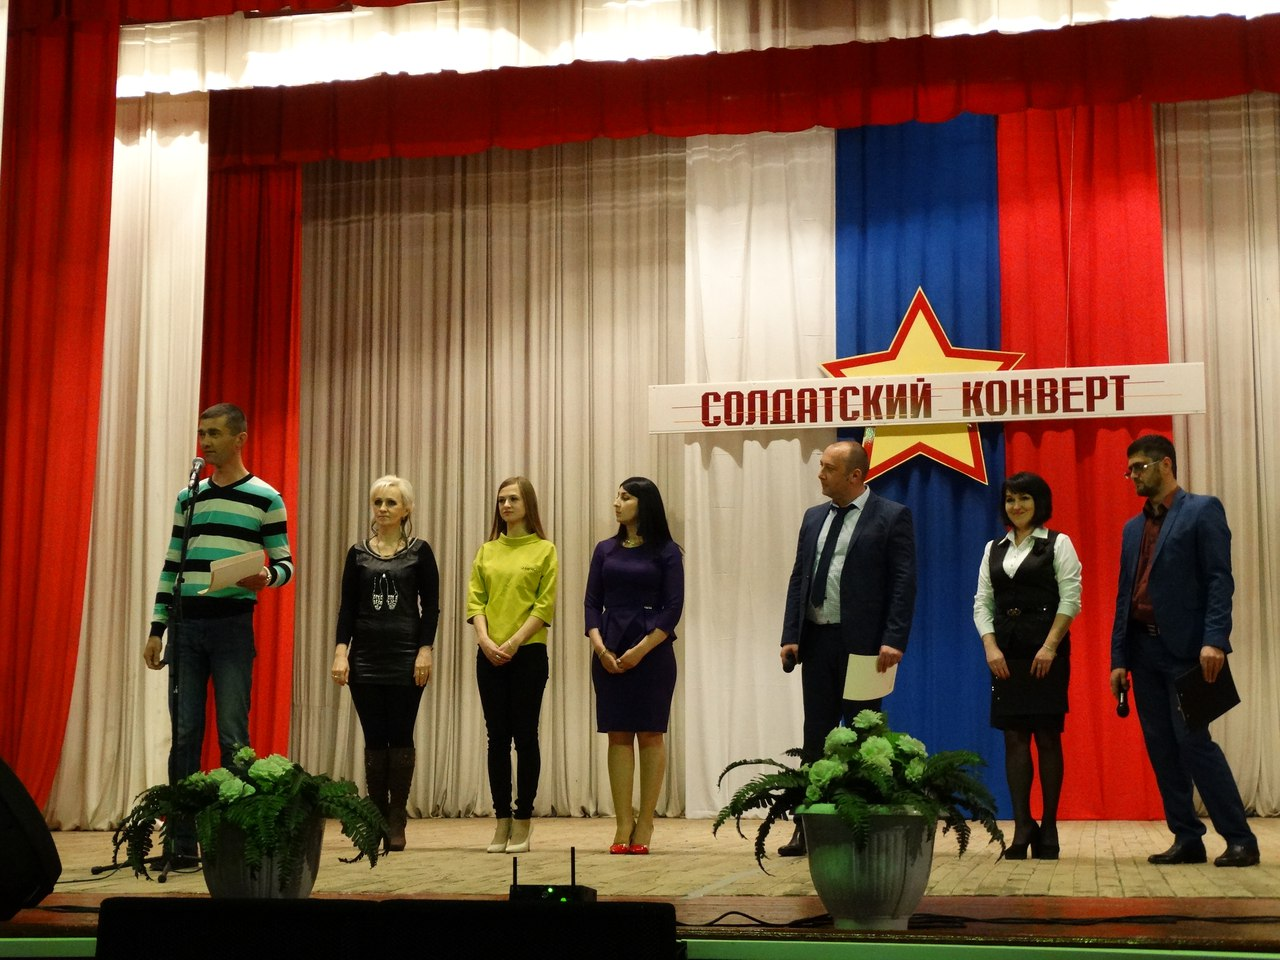 Конкурс молодых исполнителей «Солдатский конверт» прошел в Зеленчукском районе